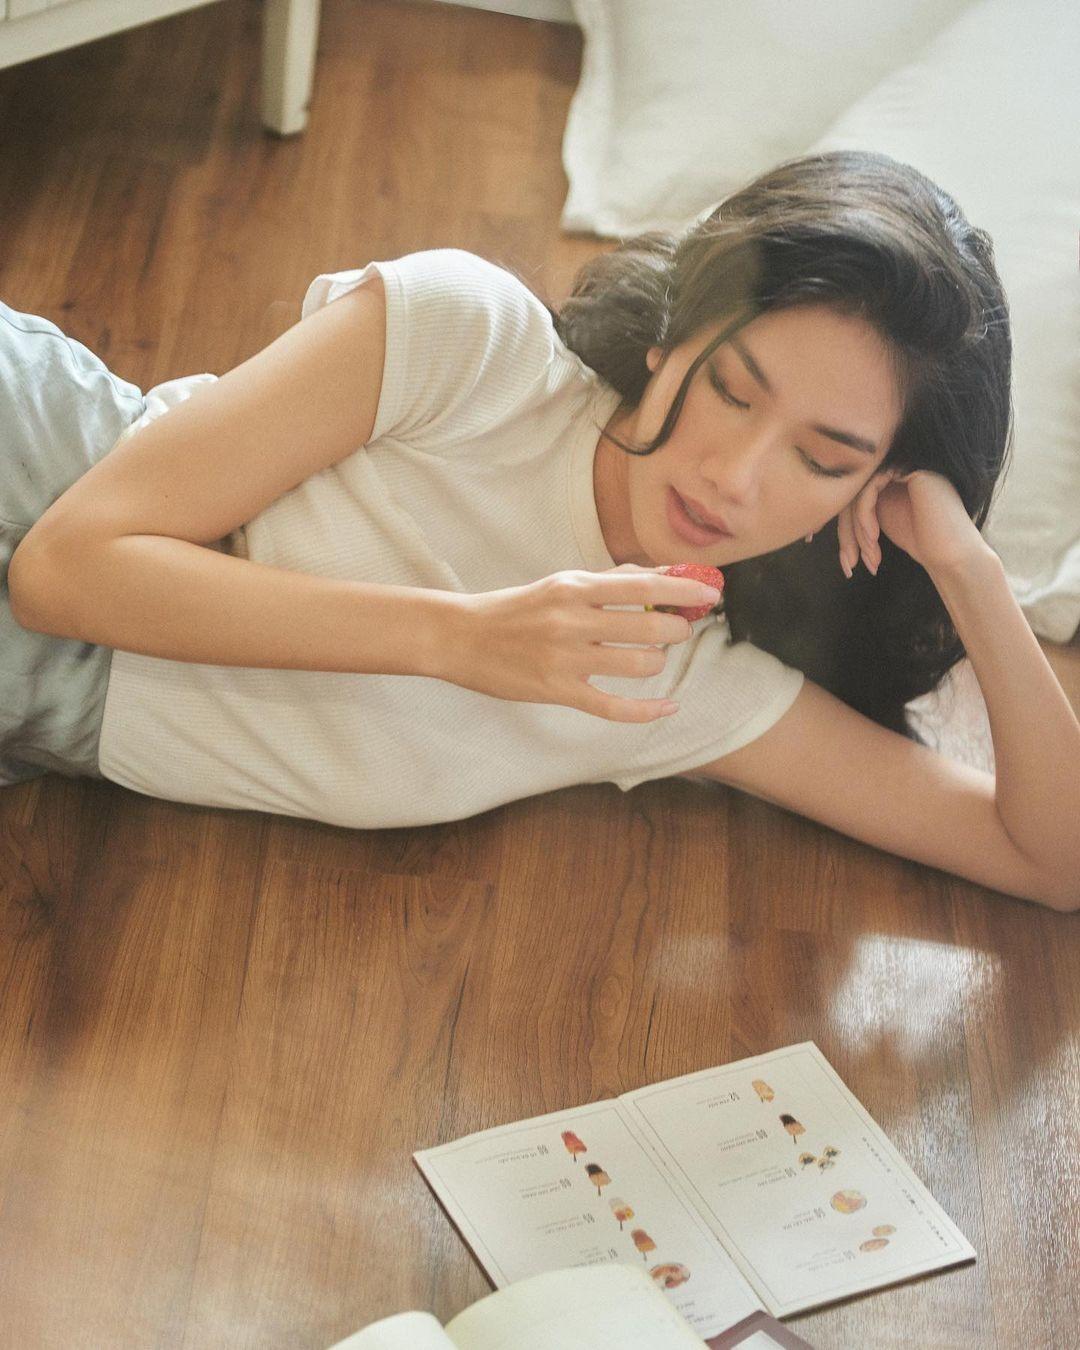 Hoa hậu Giáng My khoe khéo body gợi cảm và vẻ đẹp không tuổi những ngày đầu năm mới ảnh 10